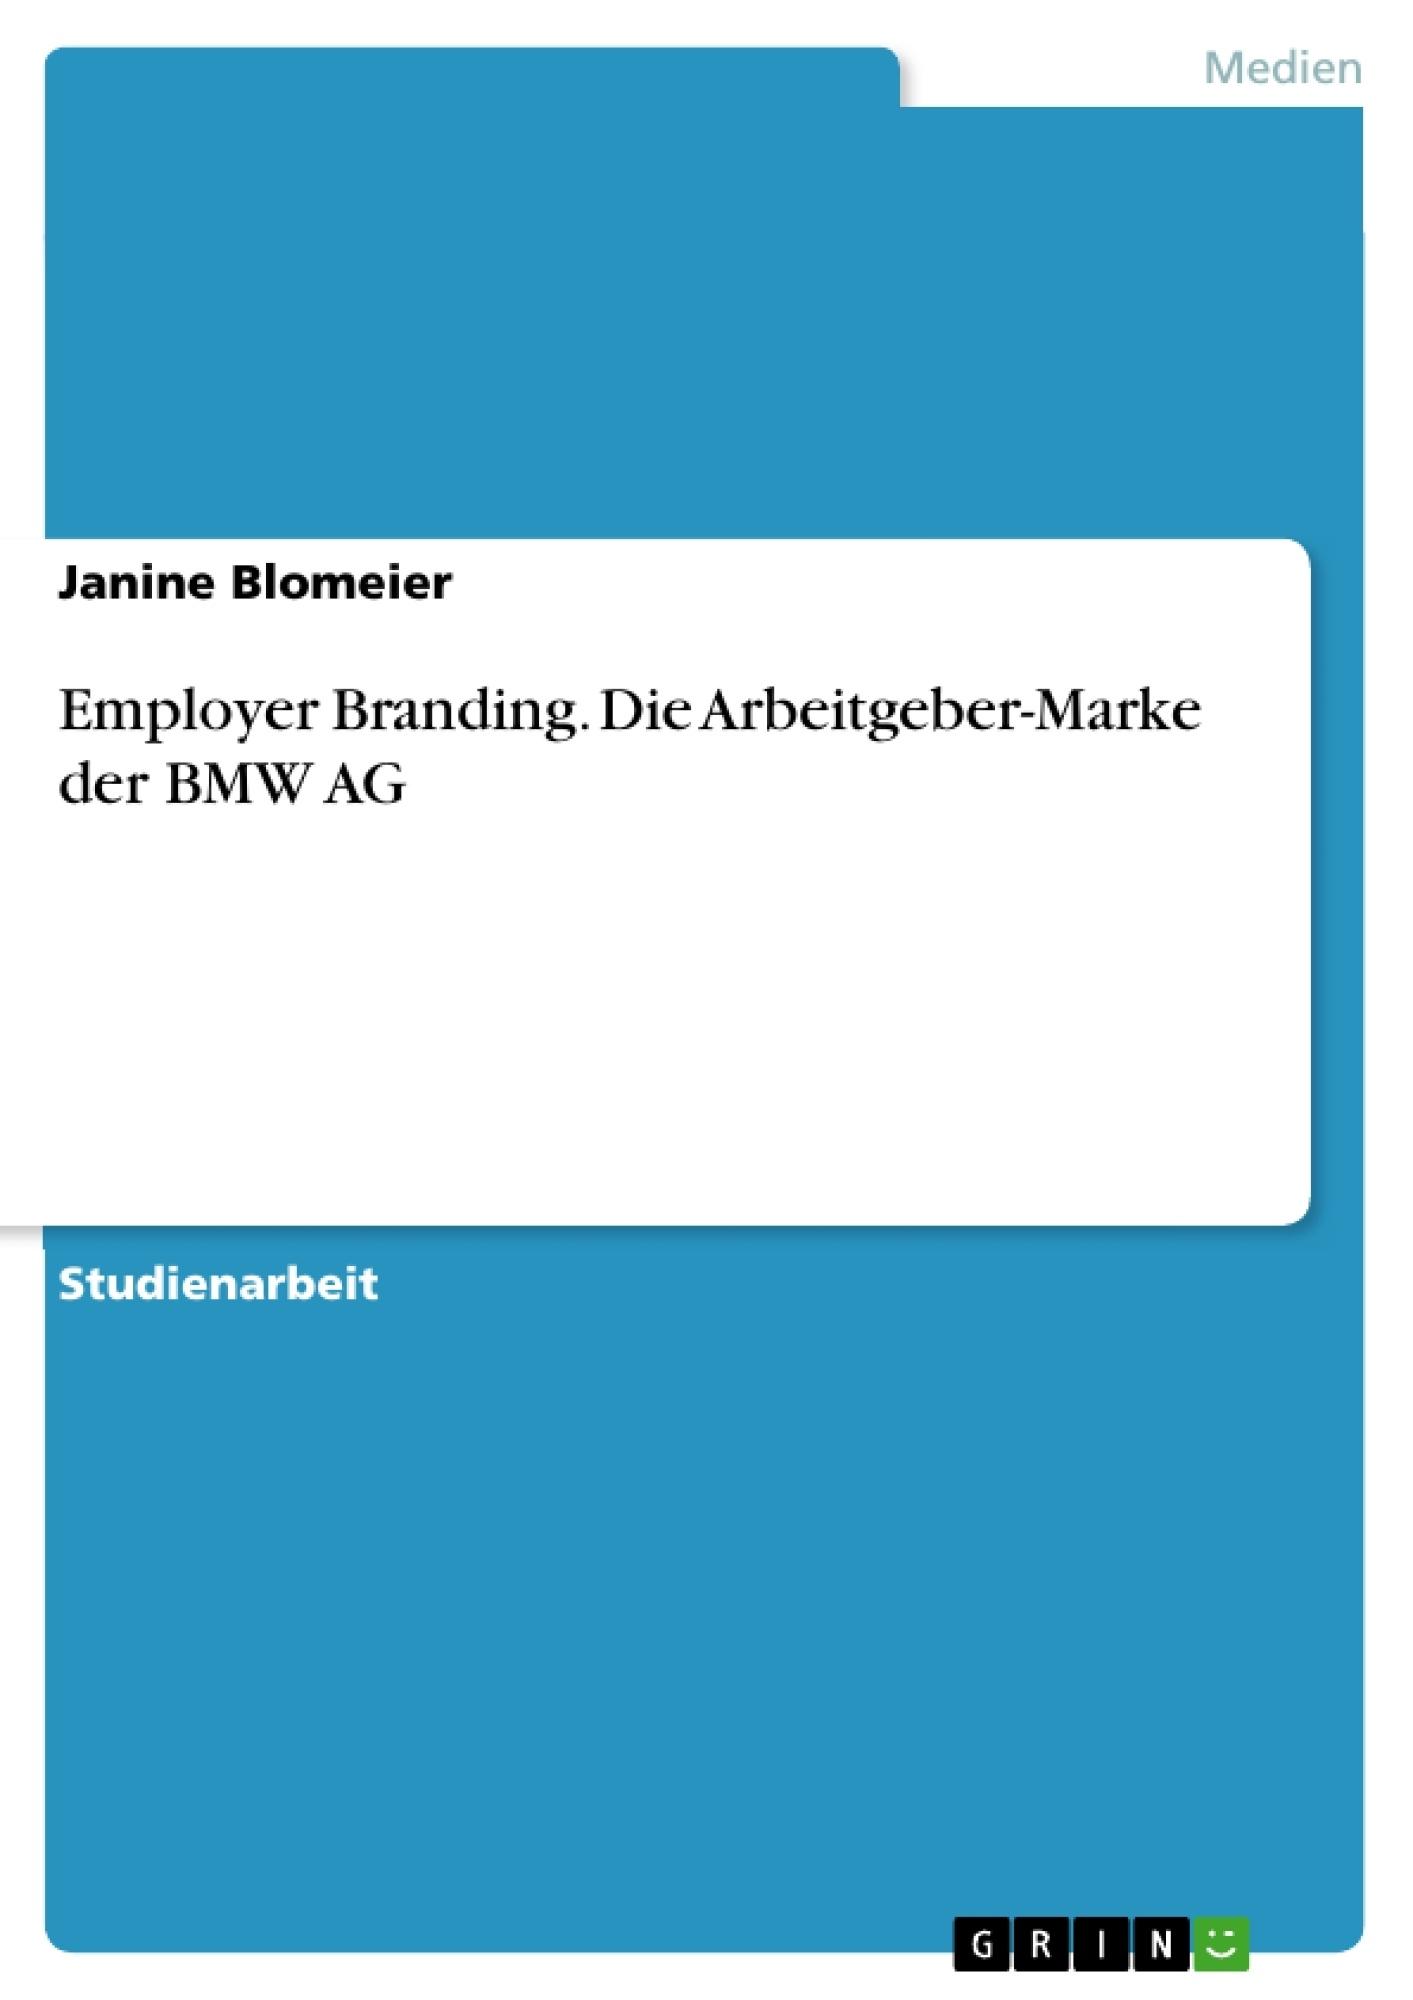 Titel: Employer Branding. Die Arbeitgeber-Marke der BMW AG